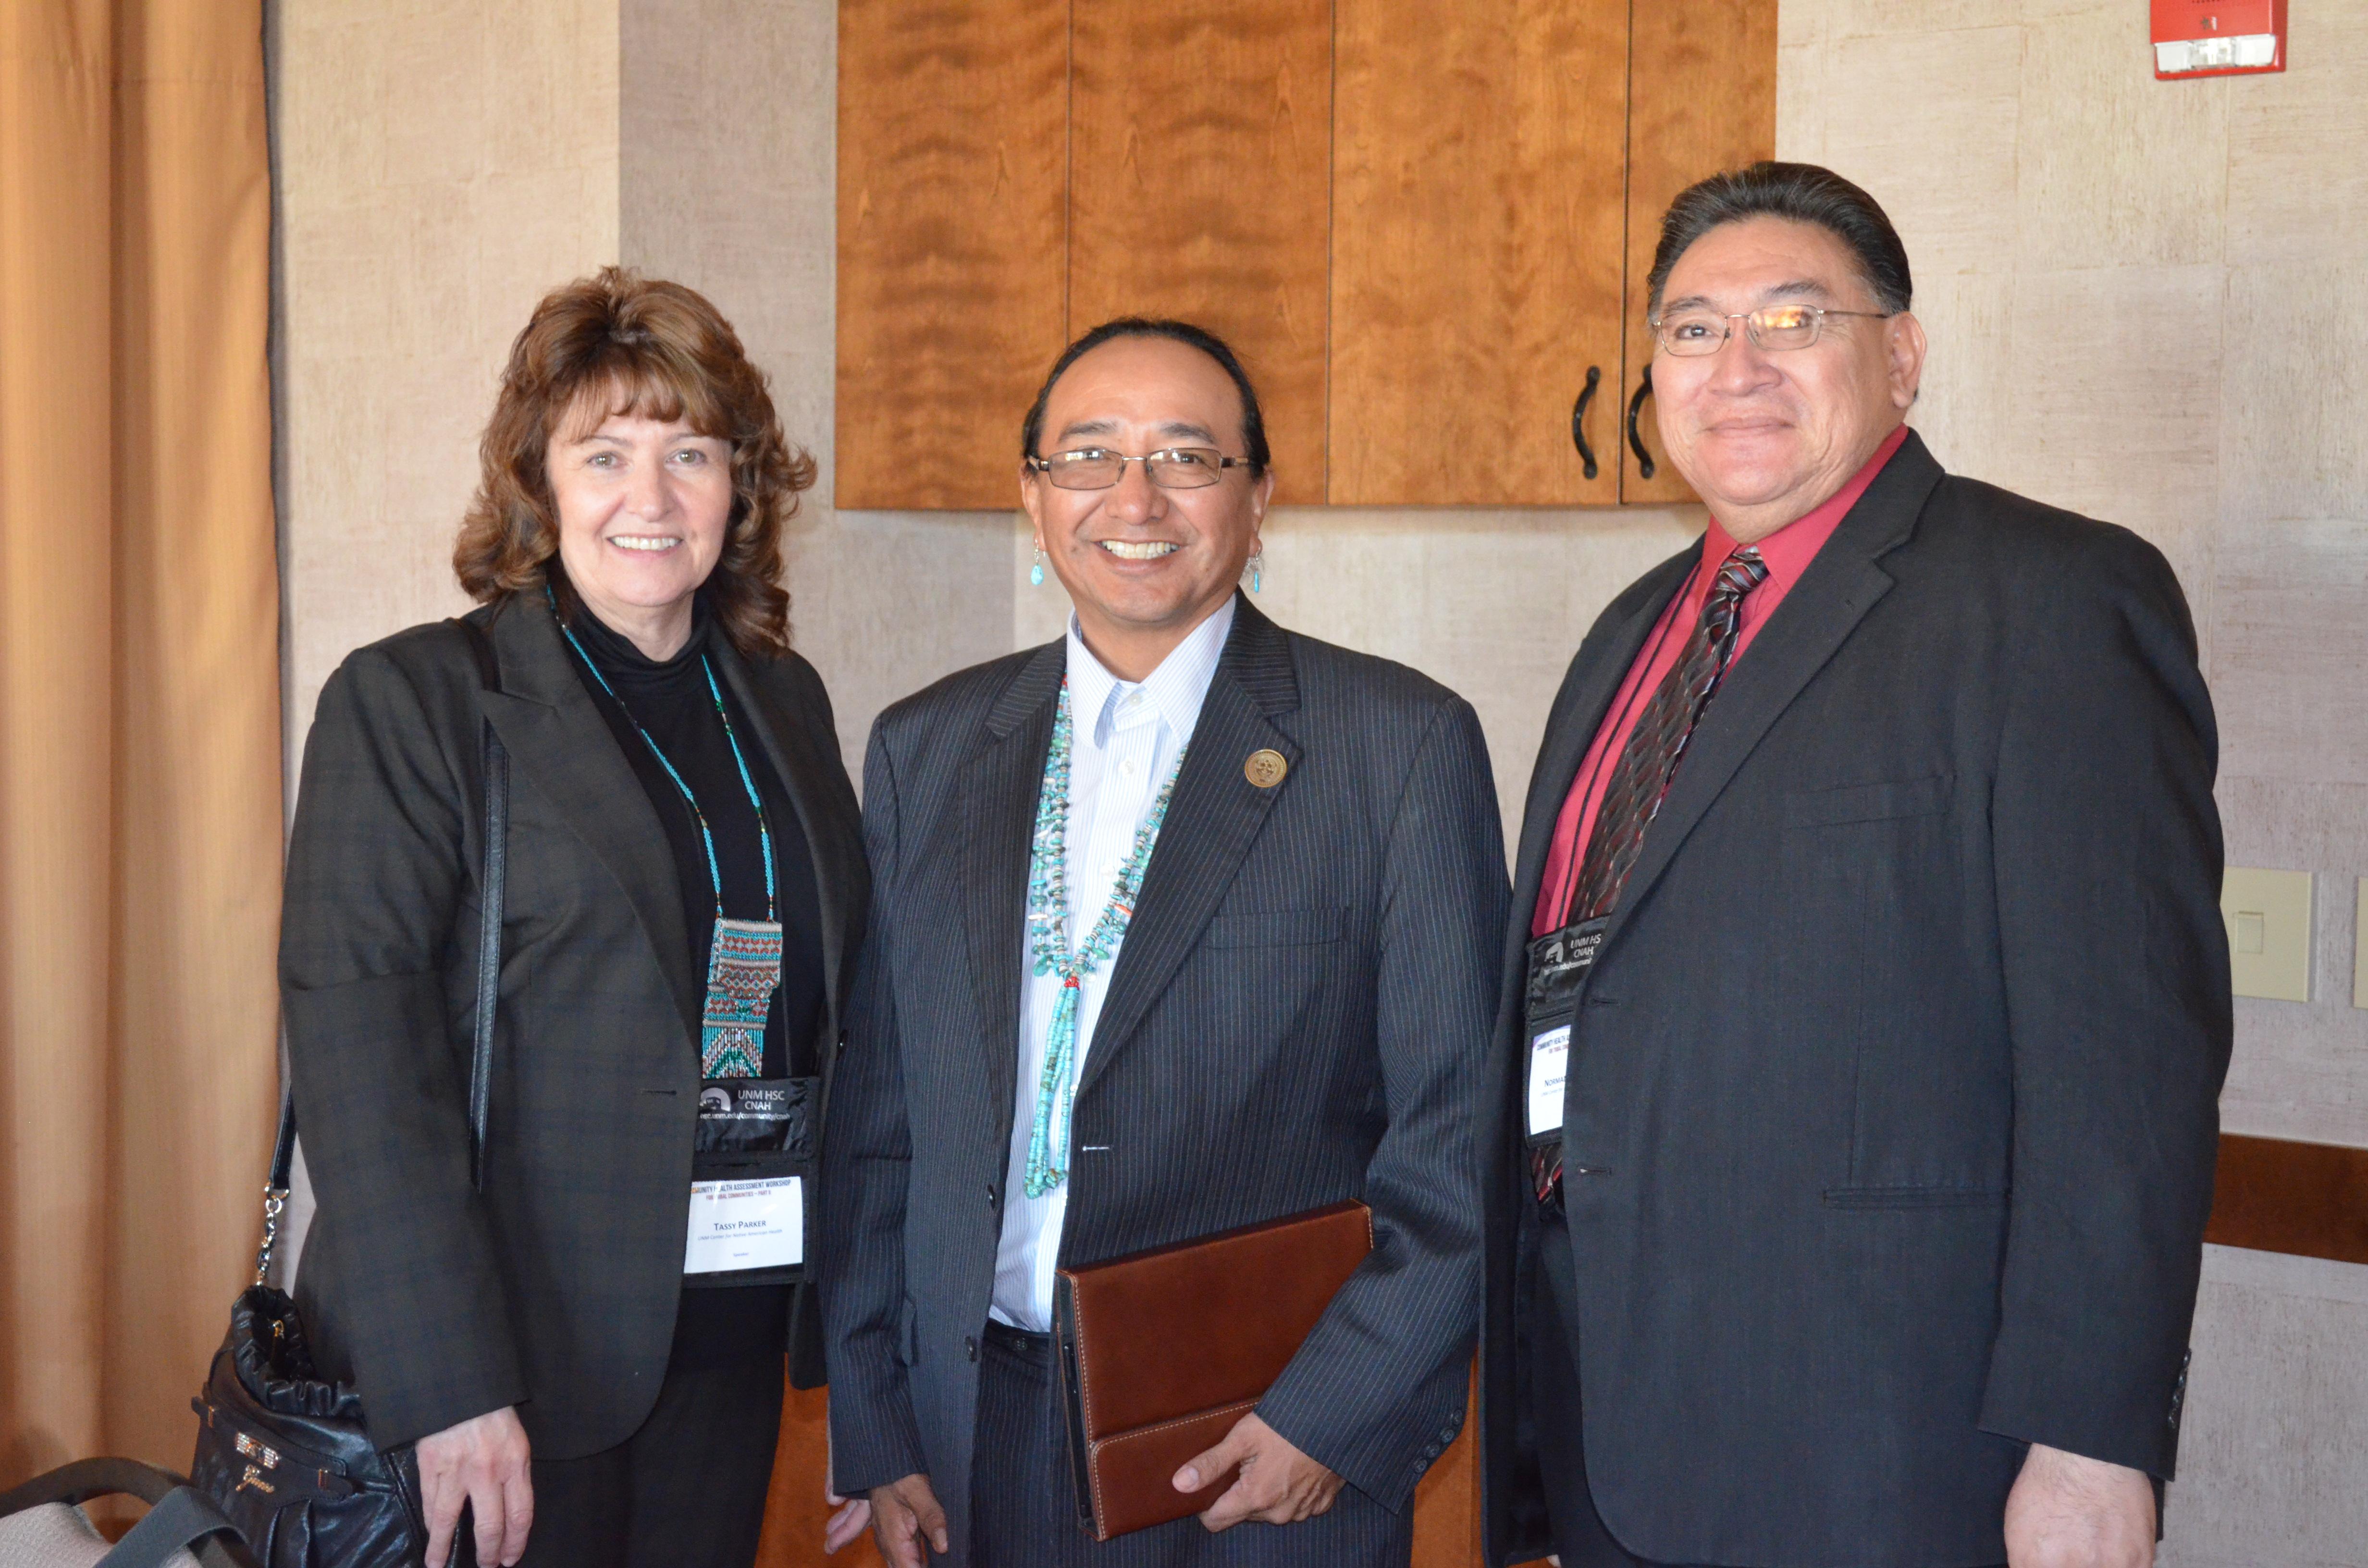 Tassy, el vicepresidente de la Nación Navajo, Rex Lee Jim, y Norman.